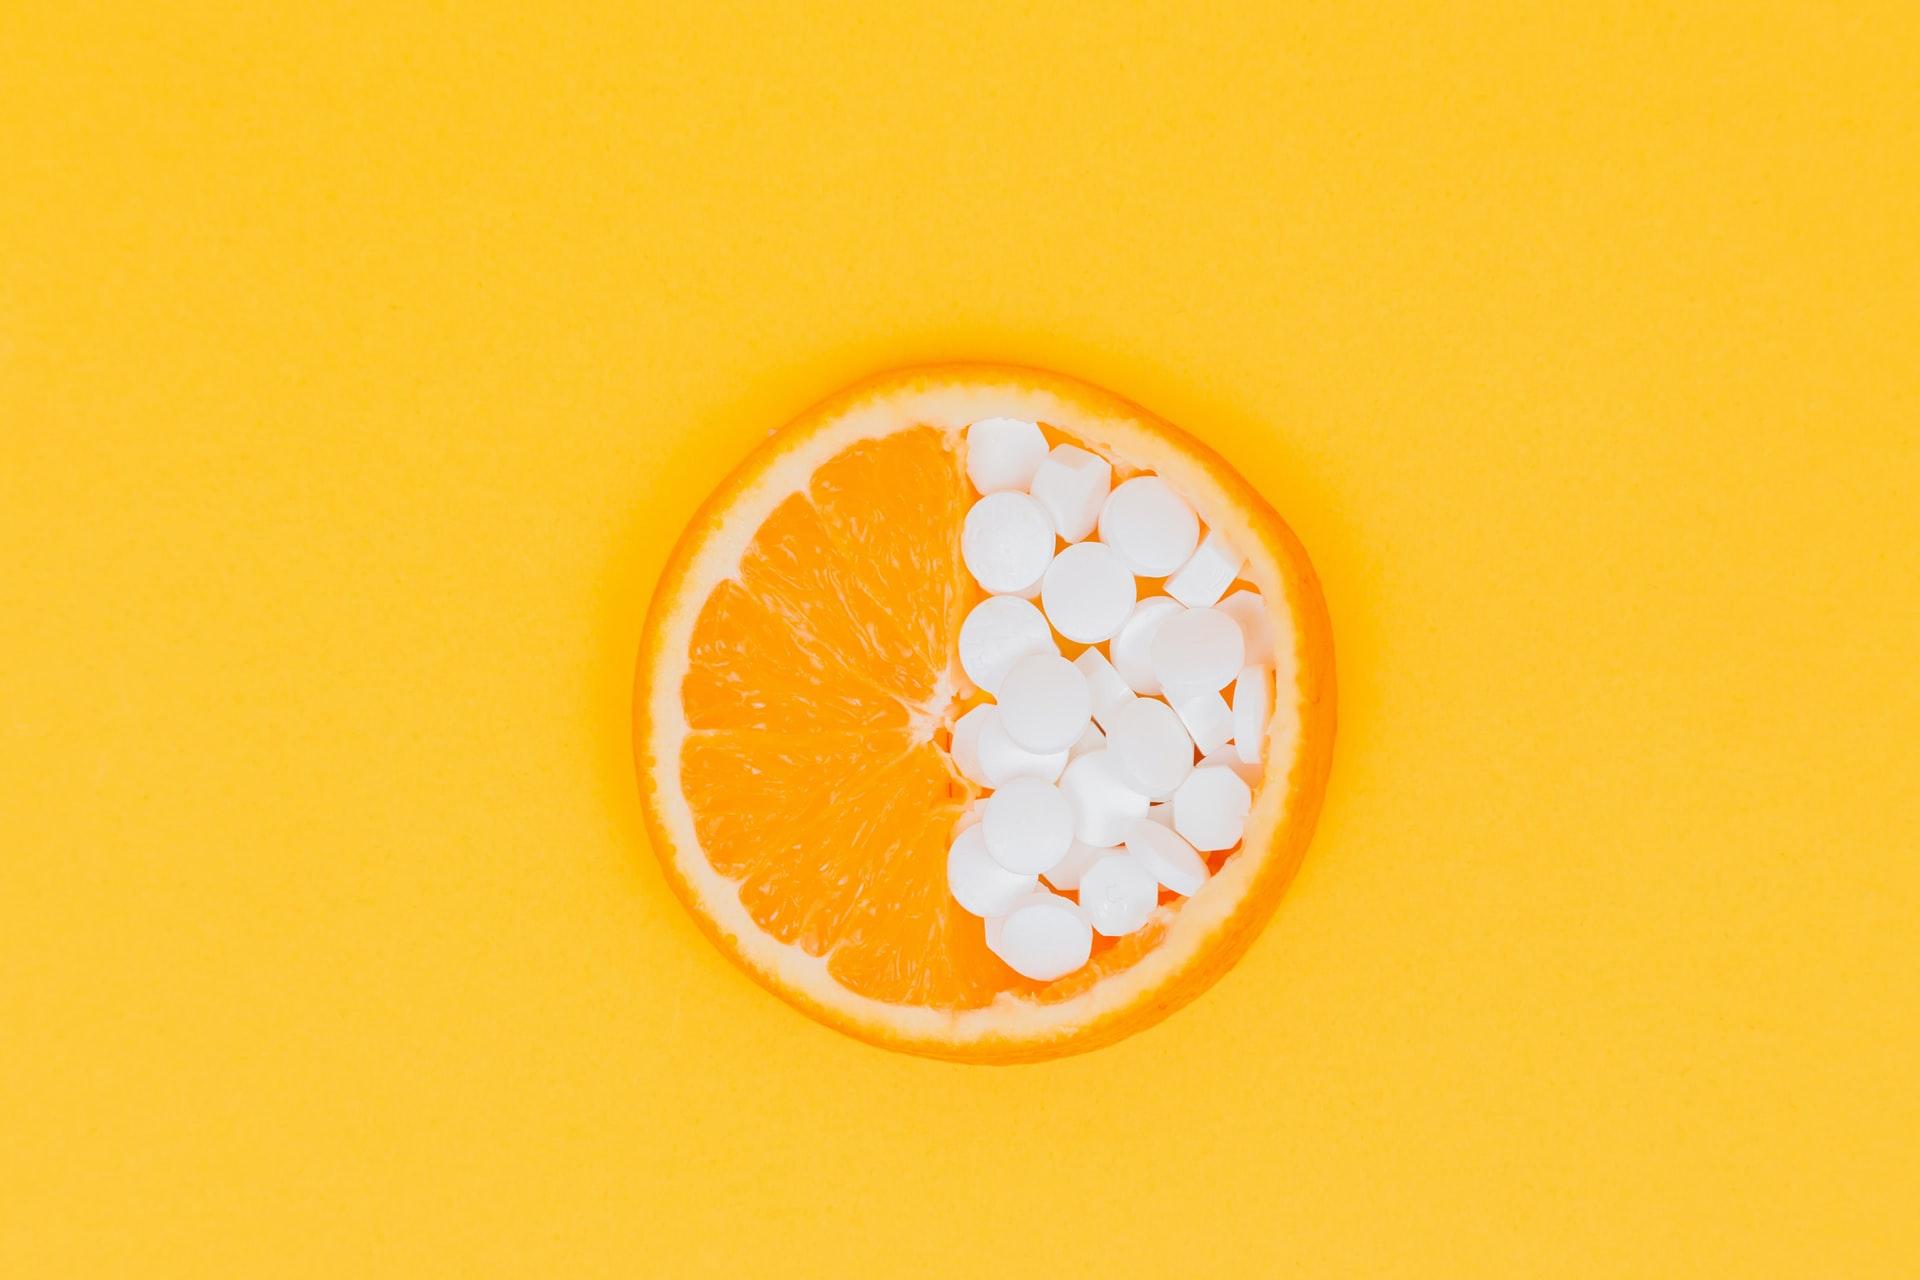 Zdrowe odchudzanie i suplementy diety